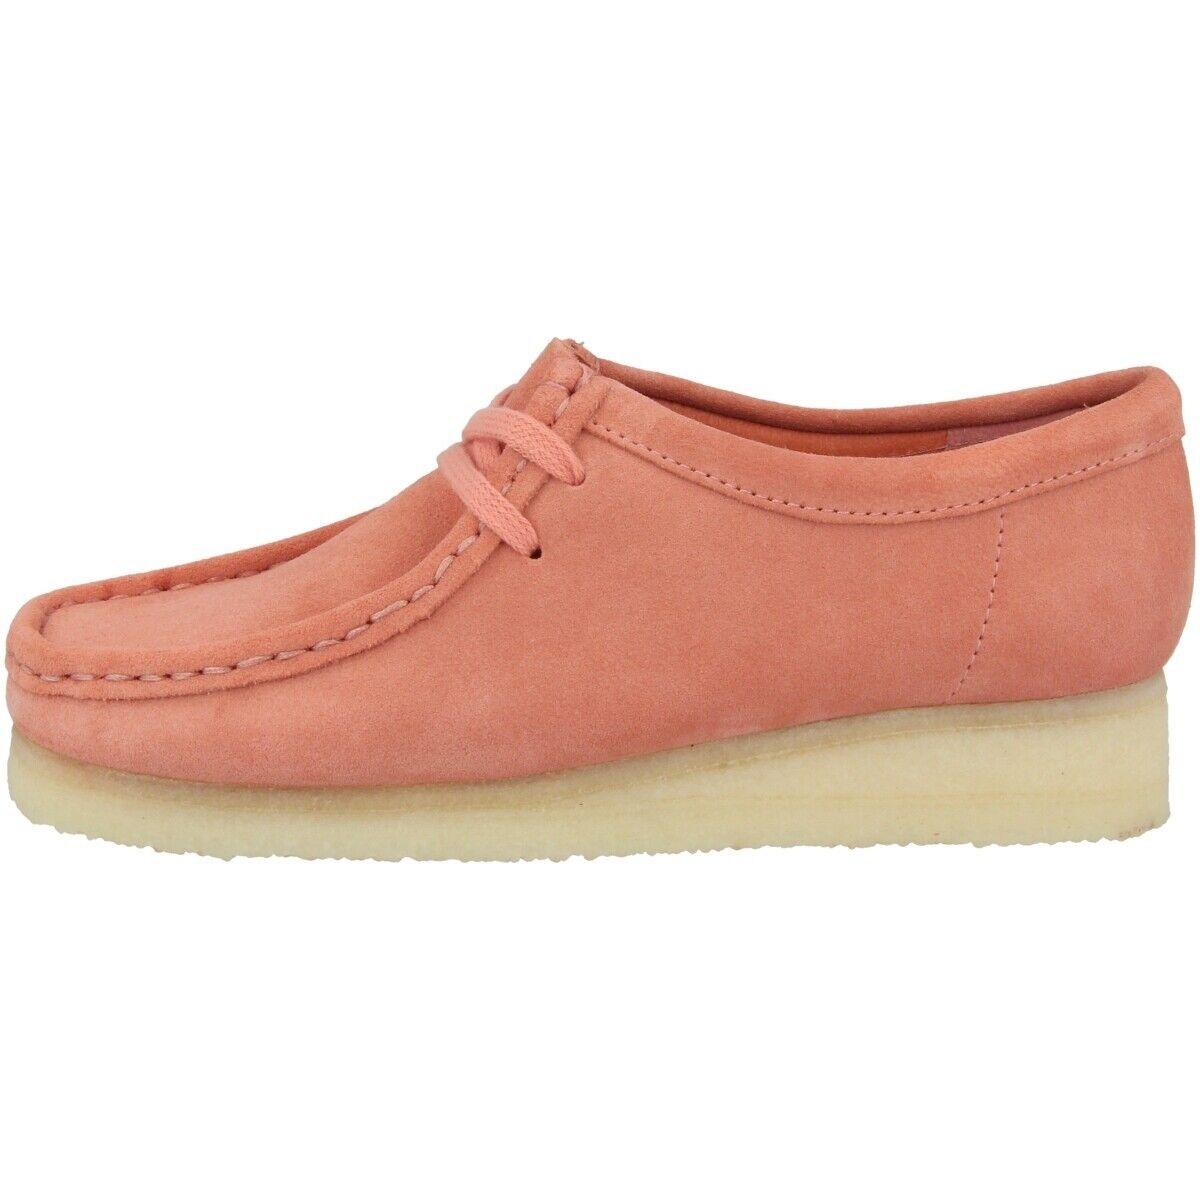 Clarks wallabee mujer zapatos señora zapato bajo schnürzapatos coral Suede 26140925